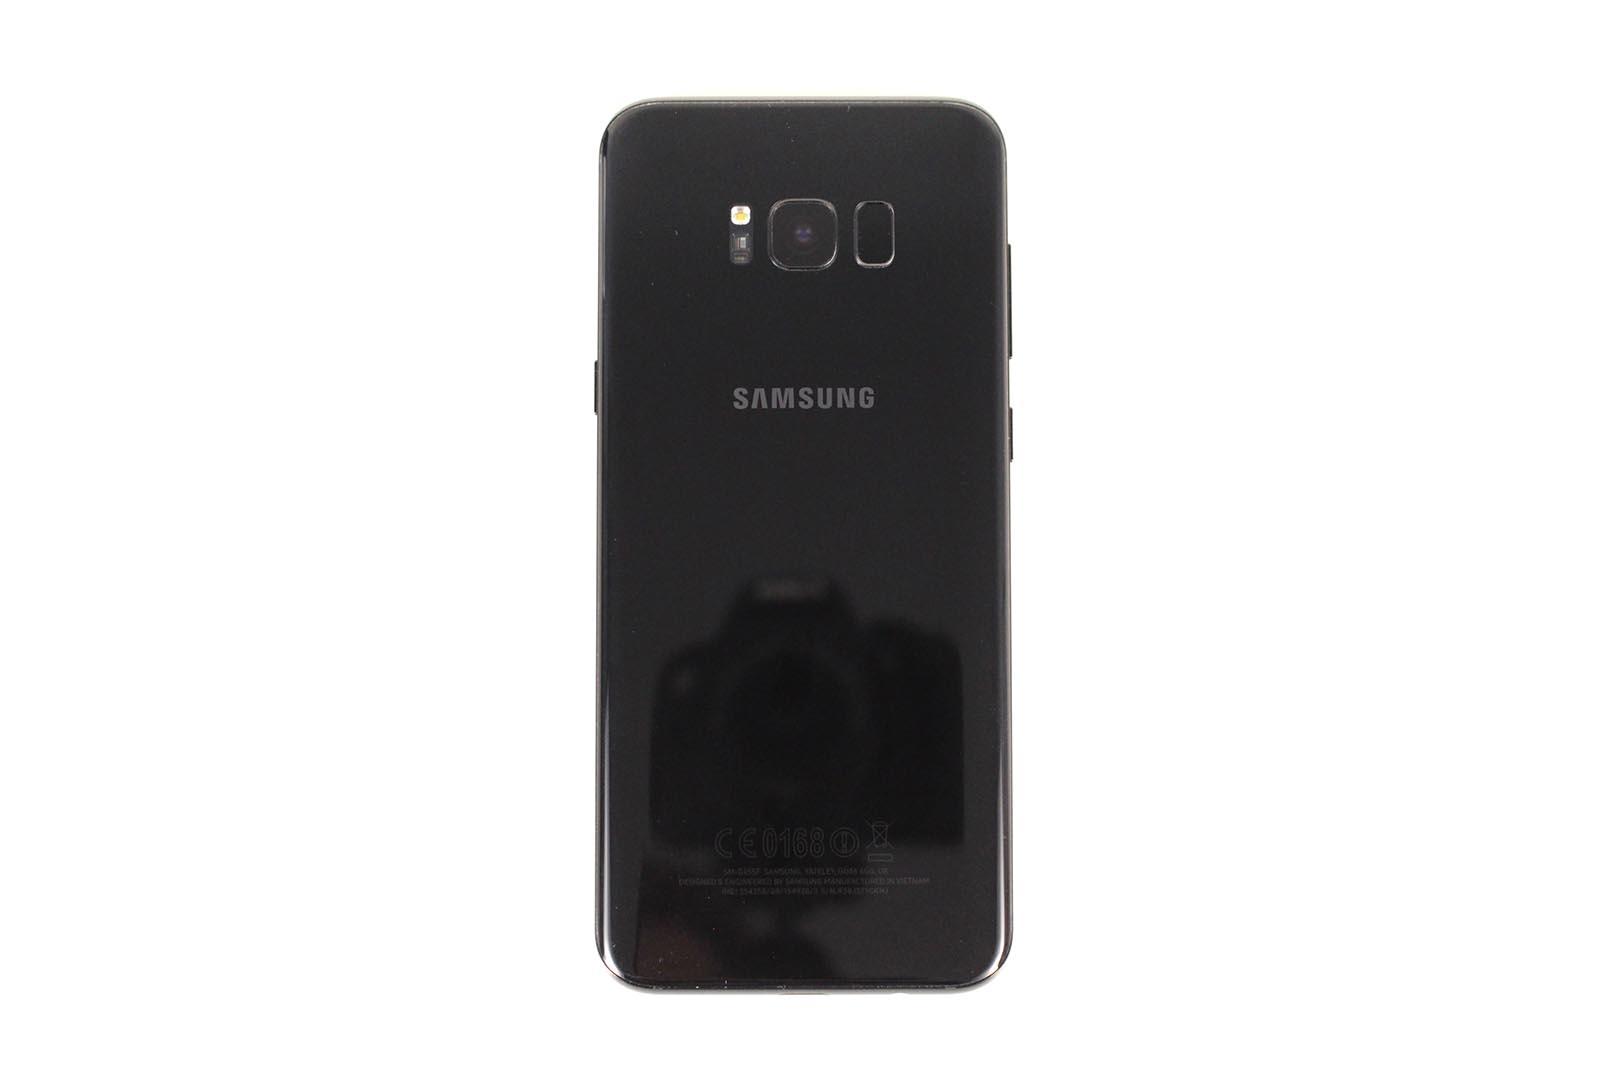 Ausgezeichnet Samsung Lautsprecher Kabelstecker Galerie - Der ...